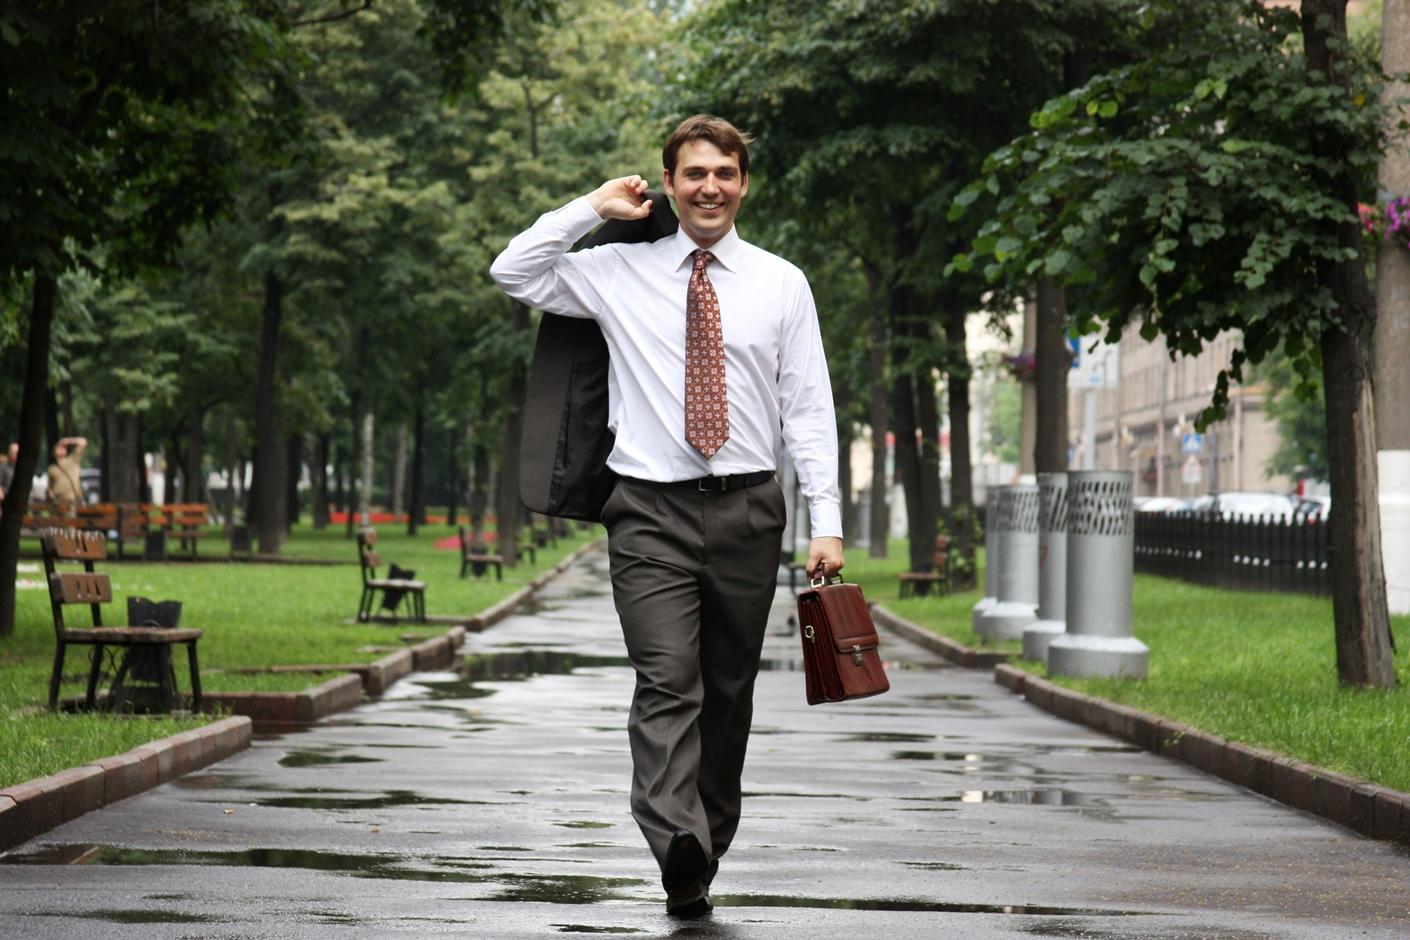 Пешком на работу ходит полезно